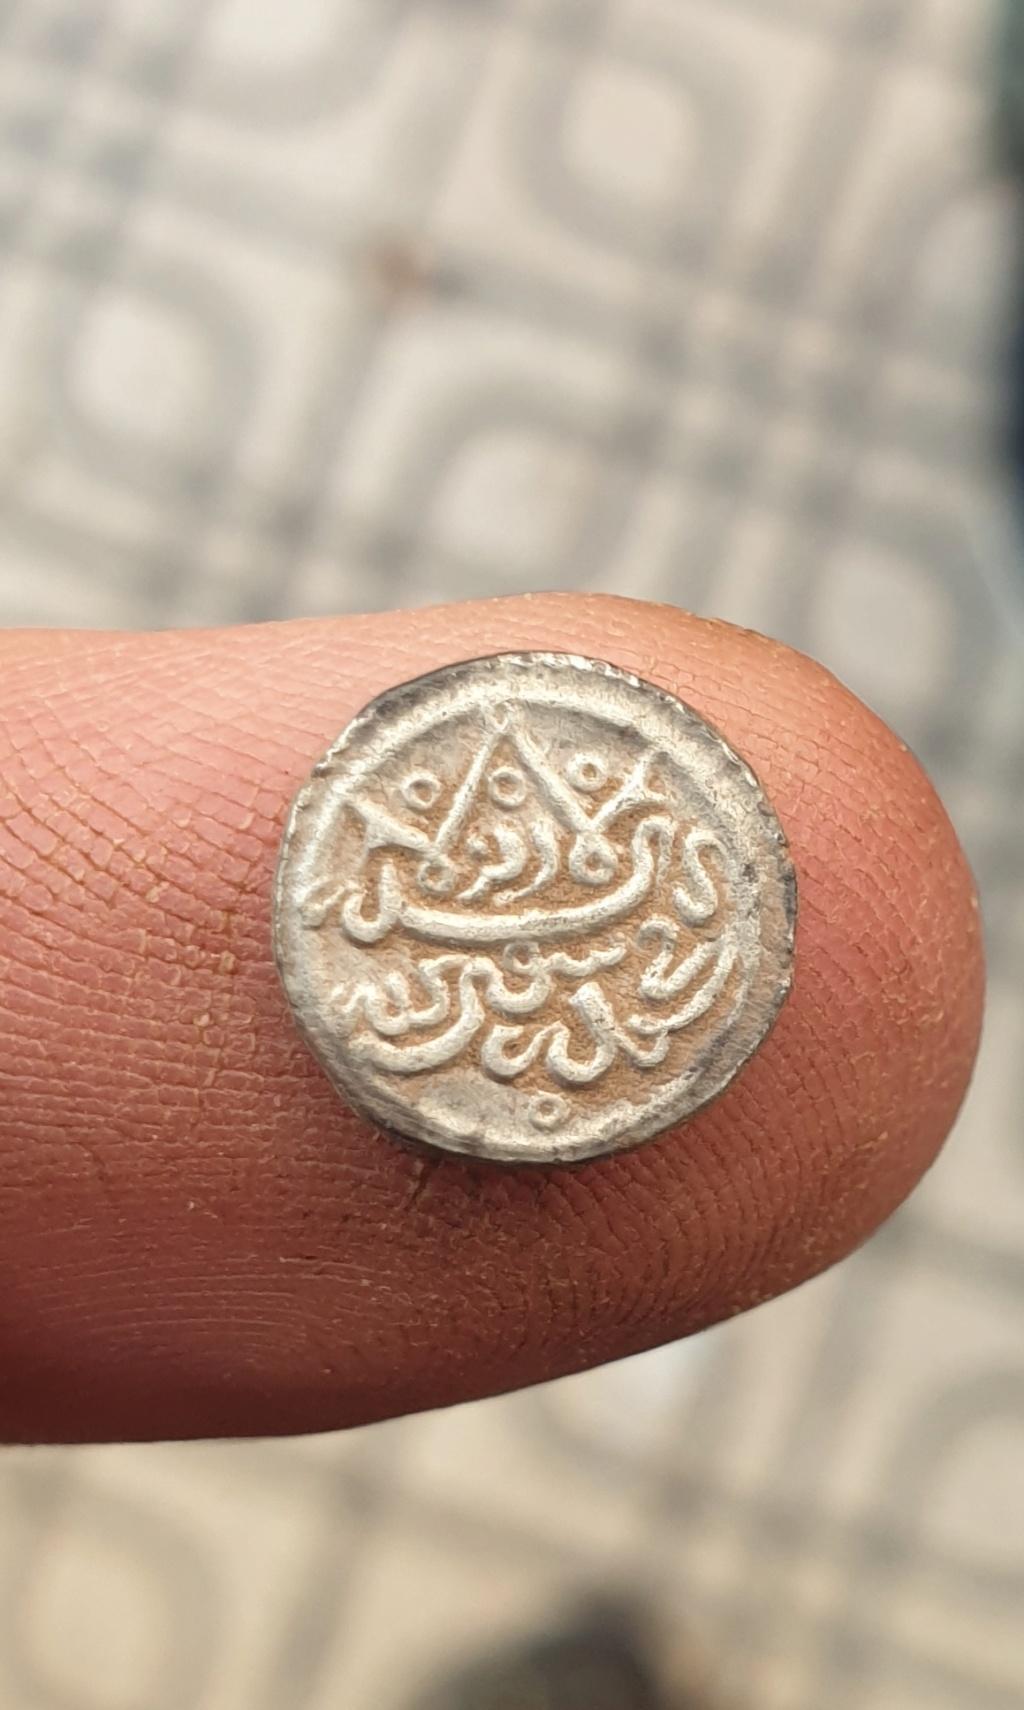 Quirate de Muhammad ben 'Alí ben al-Hayyam, taifa almorávide de Badajoz 20191213